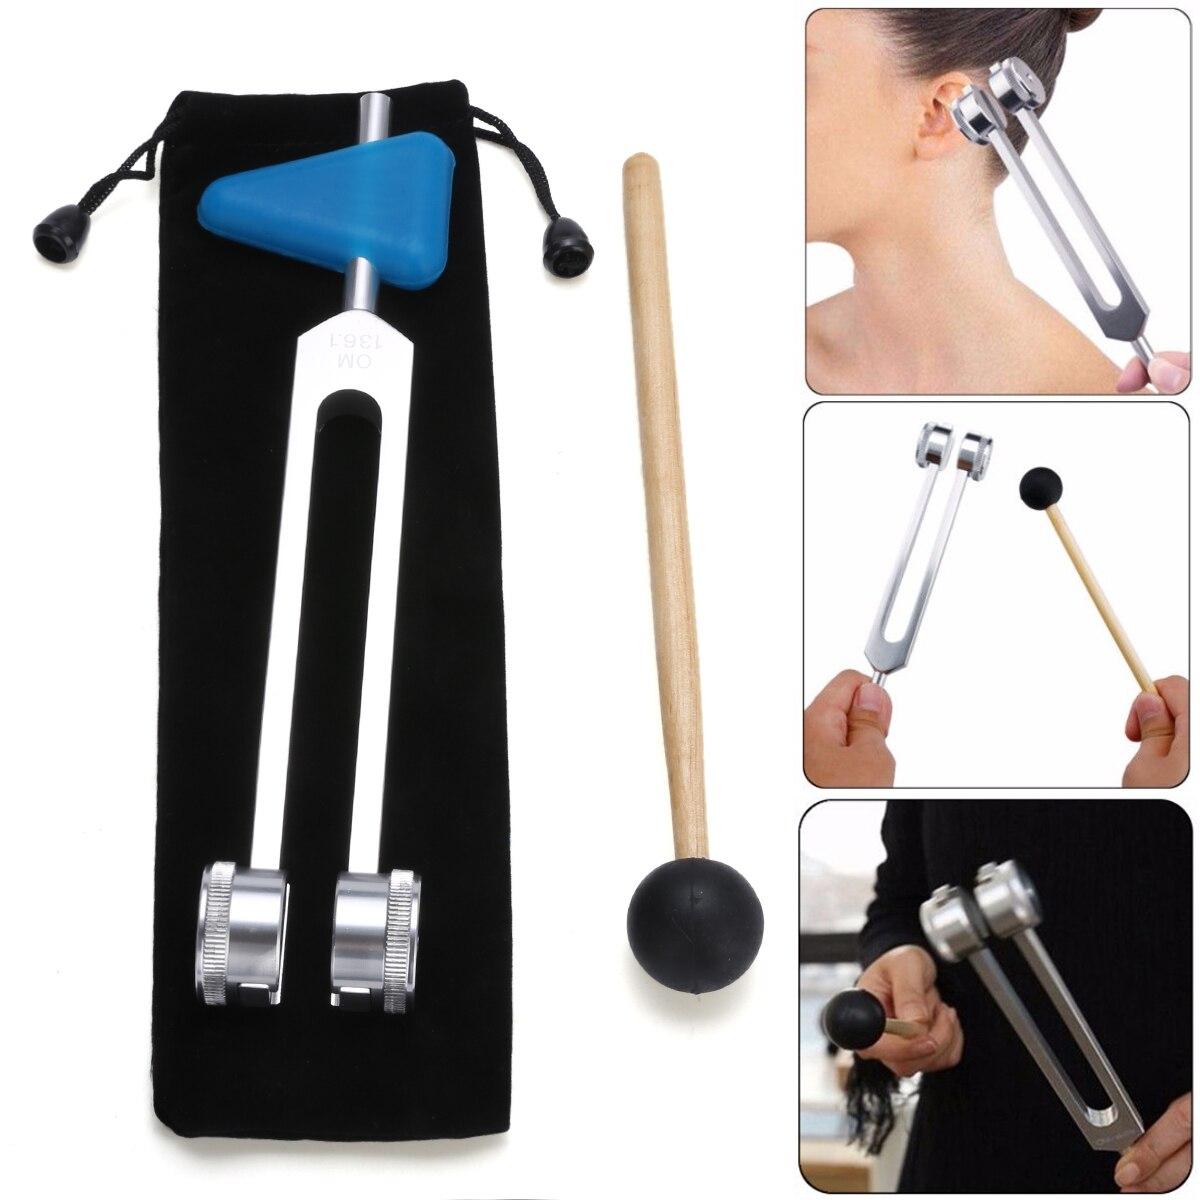 Angemessen Om 136,1 Hz Aluminium Legierung Musical Tuning Gabel Instrument Kit Für Sound Heilung Sound Vibration Therapie Medizinische Werkzeuge Gesundheit Effektiv StäRken